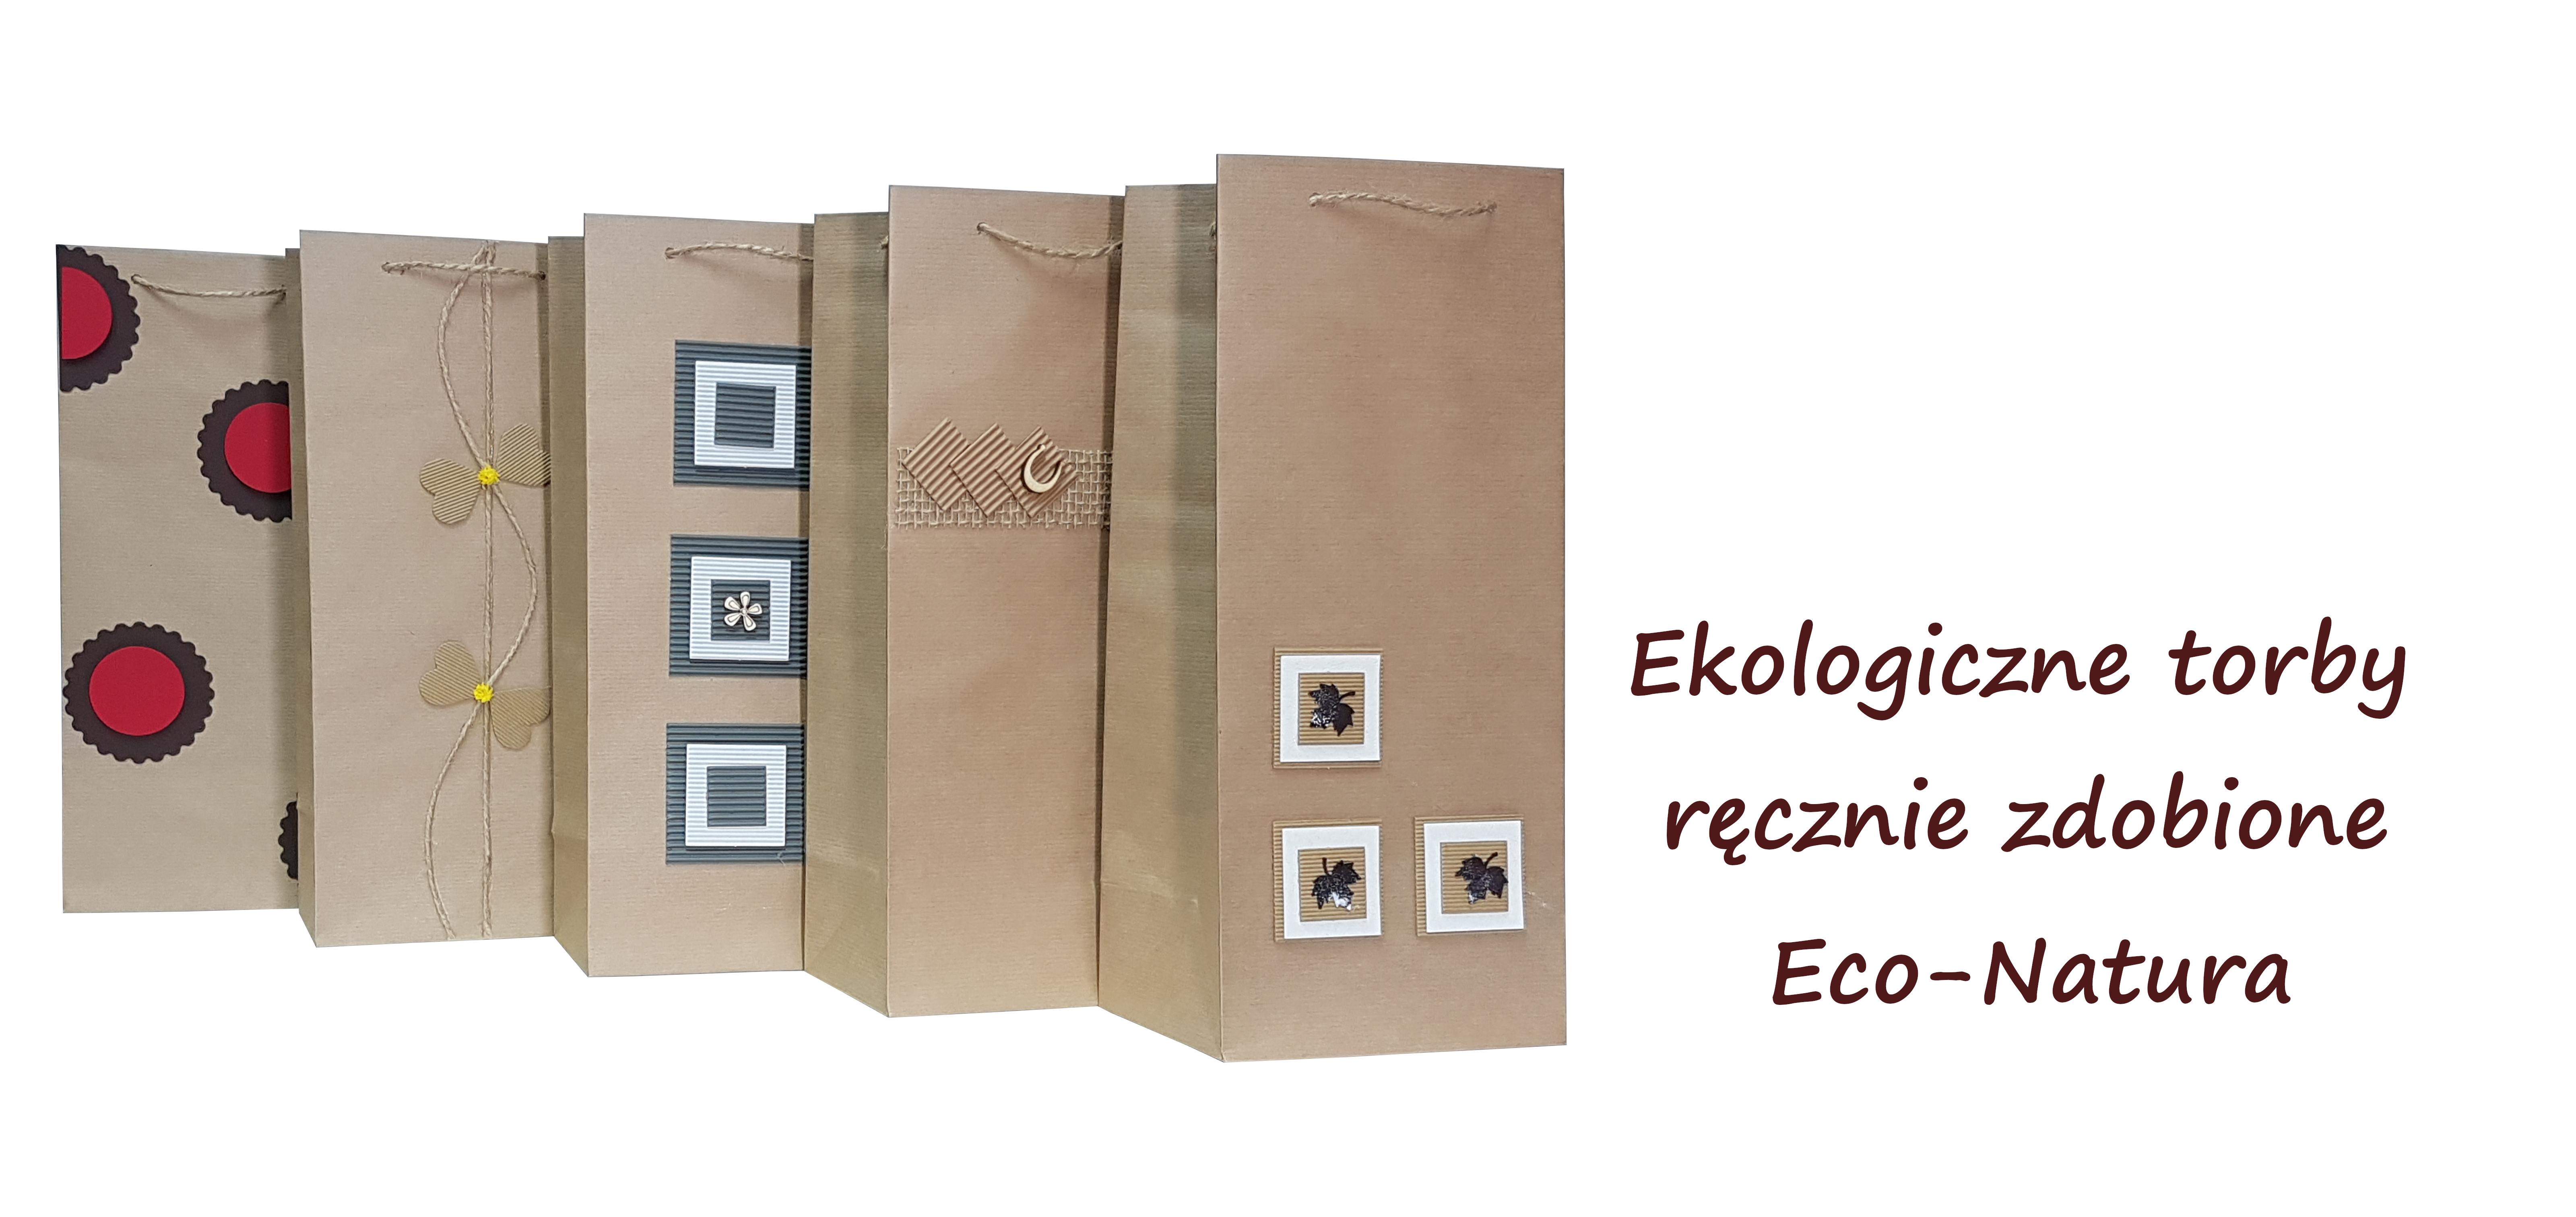 ekologiczne torby papierowe ręcznie zdobione